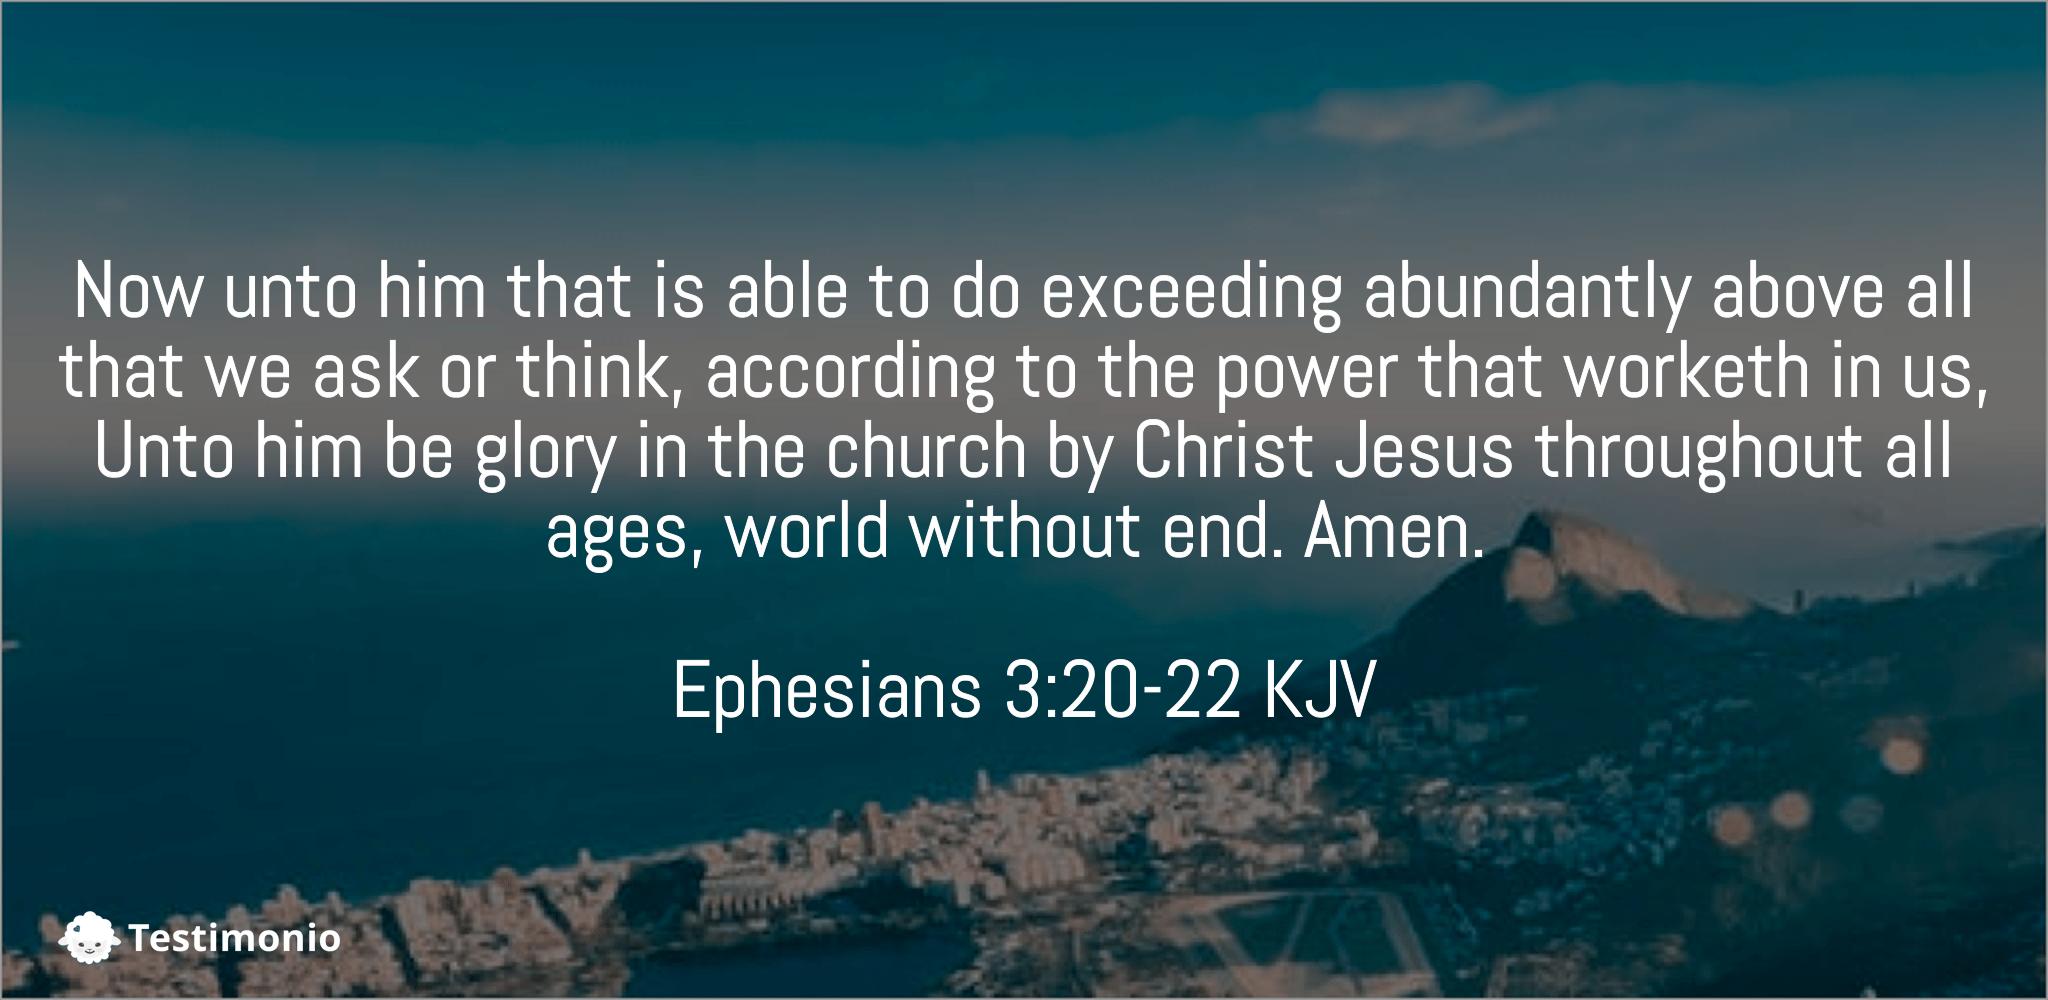 Ephesians 3:20-22